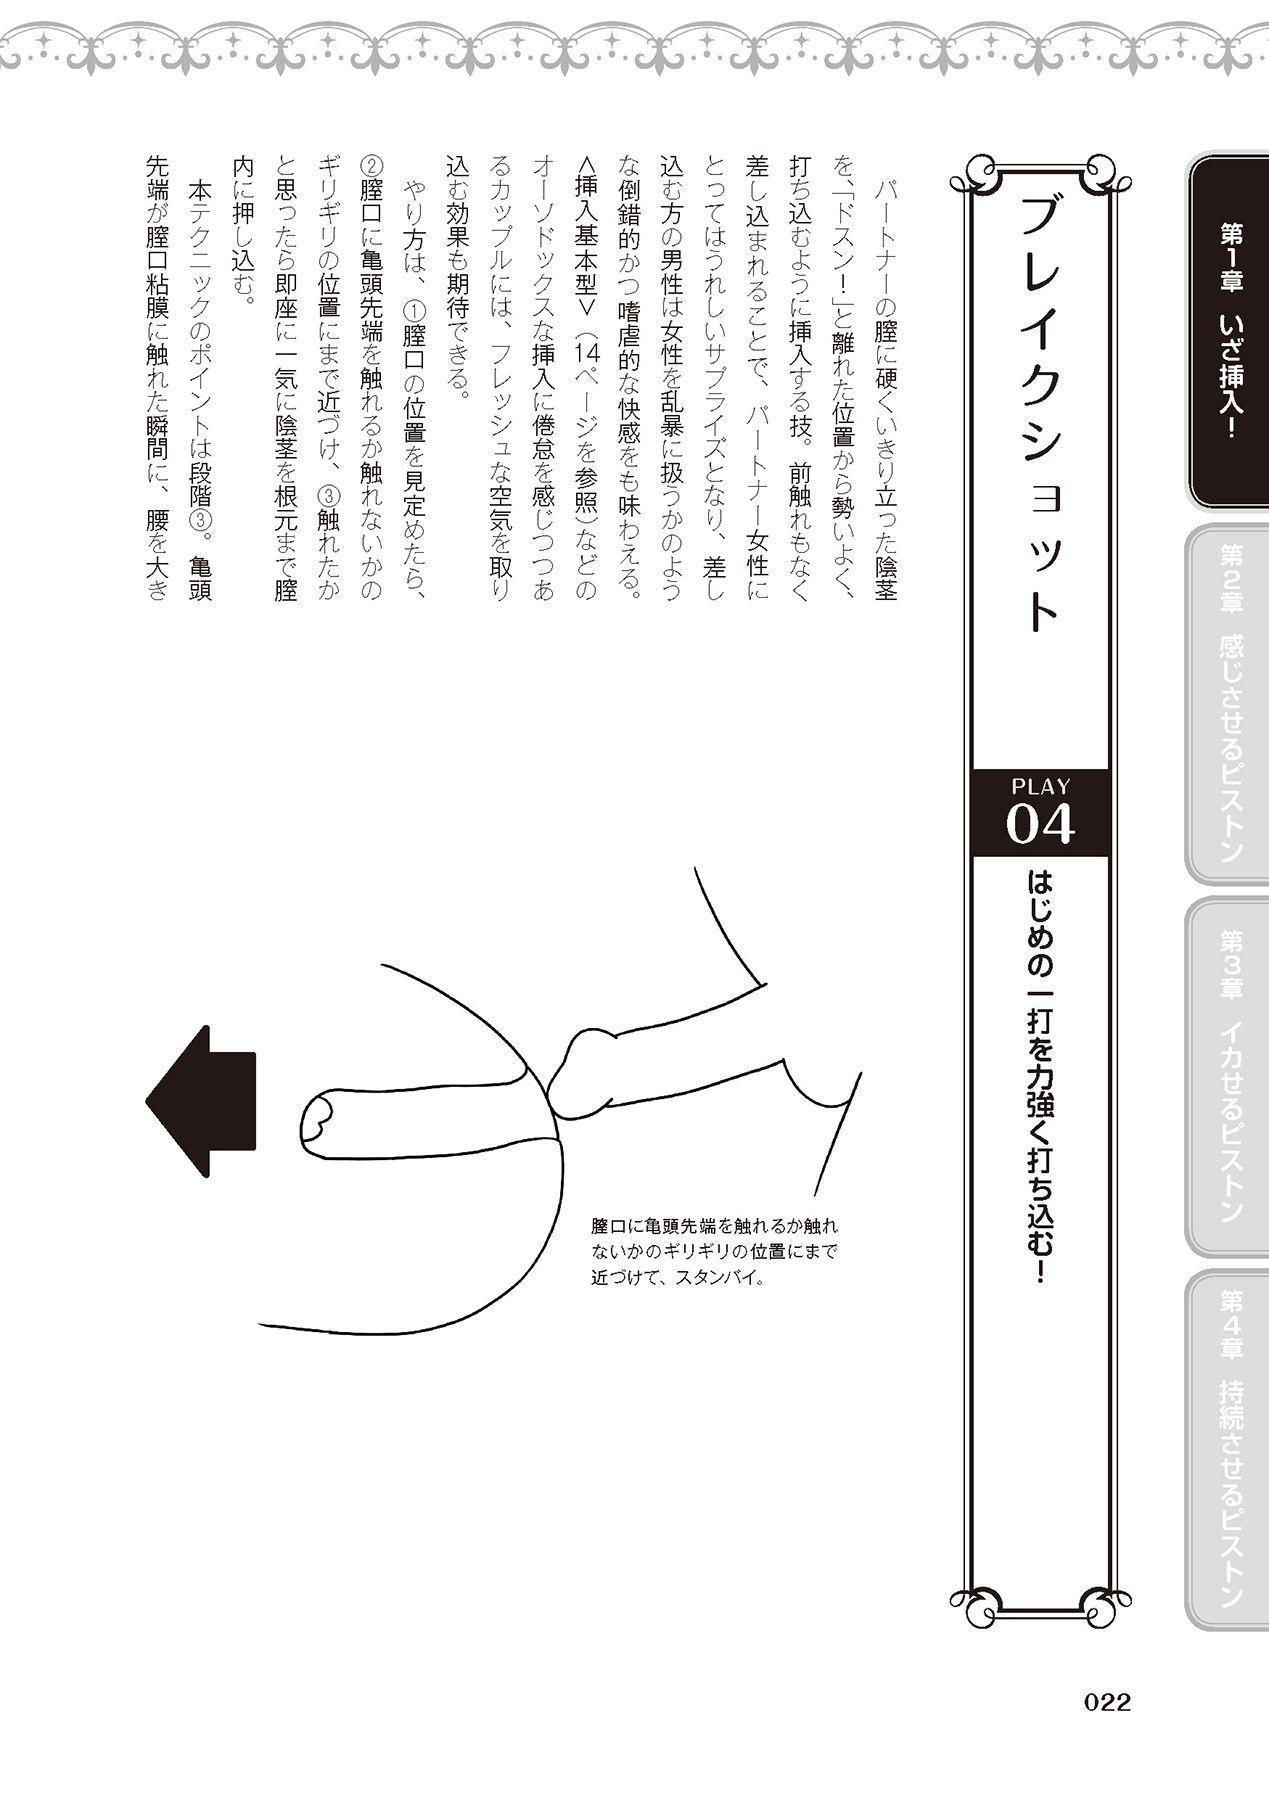 膣挿入&ピストン運動完全マニュアル イラスト版……ピスとんッ! 23